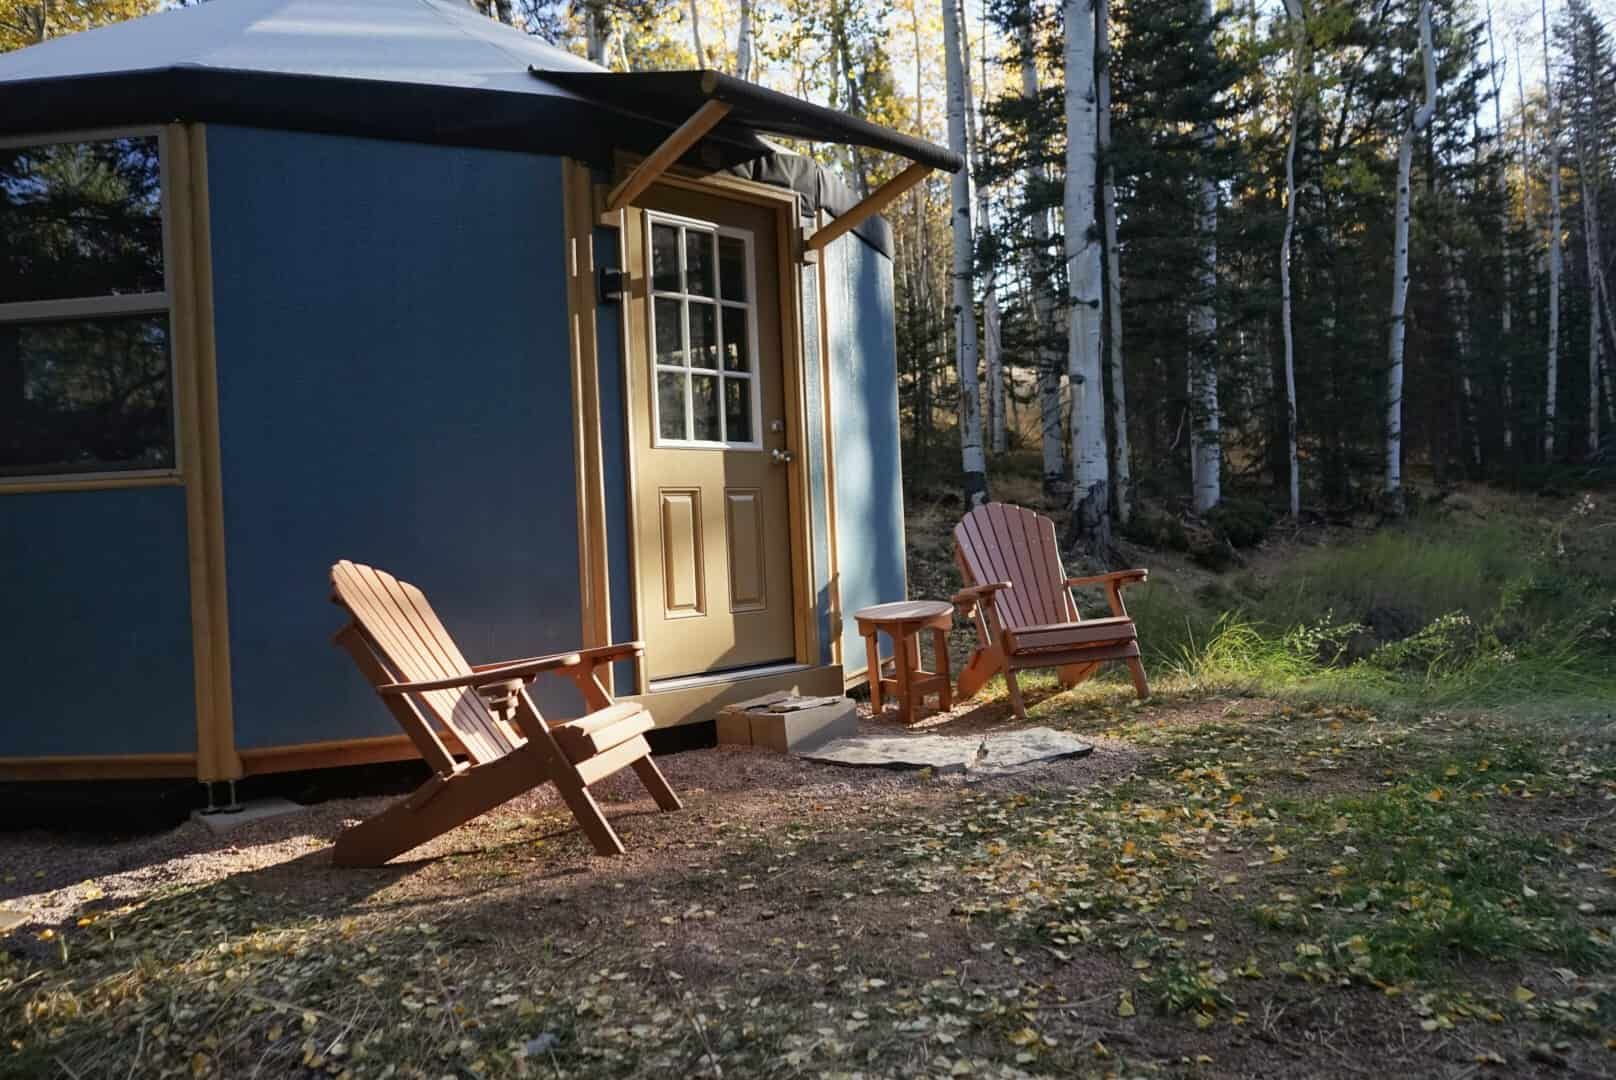 Yurt Pictures Yurt Cabin Photos Freedom Yurt Cabins Yurt Pictures Yurt Building A Yurt